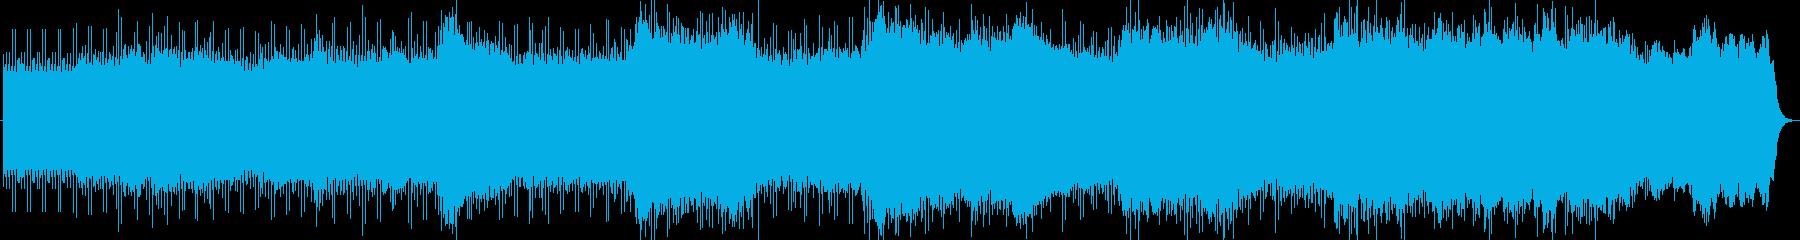 緊迫感を煽るミニマルテクノの再生済みの波形